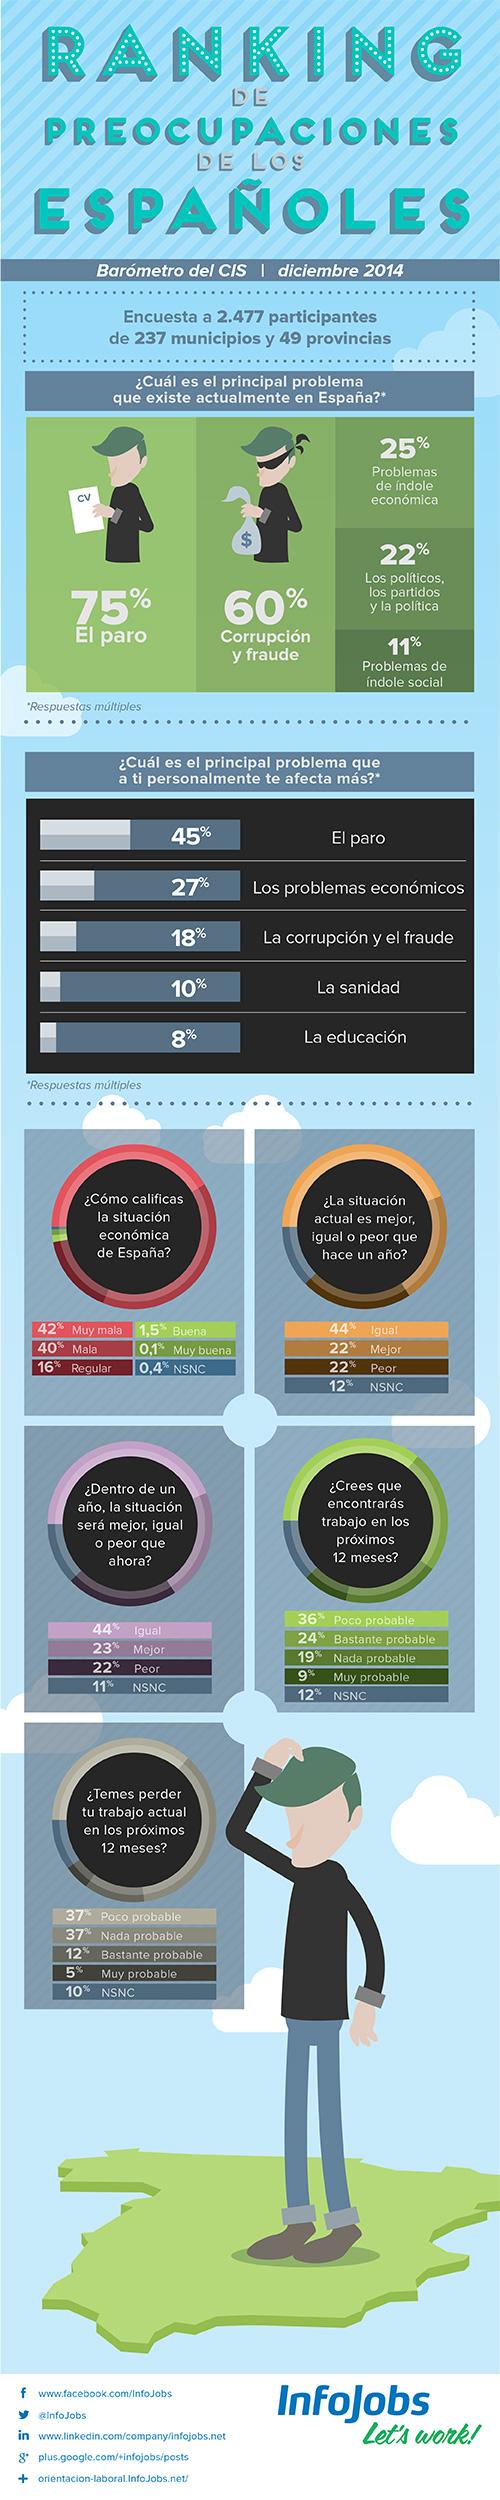 Ranking de preocupaciones de los españoles